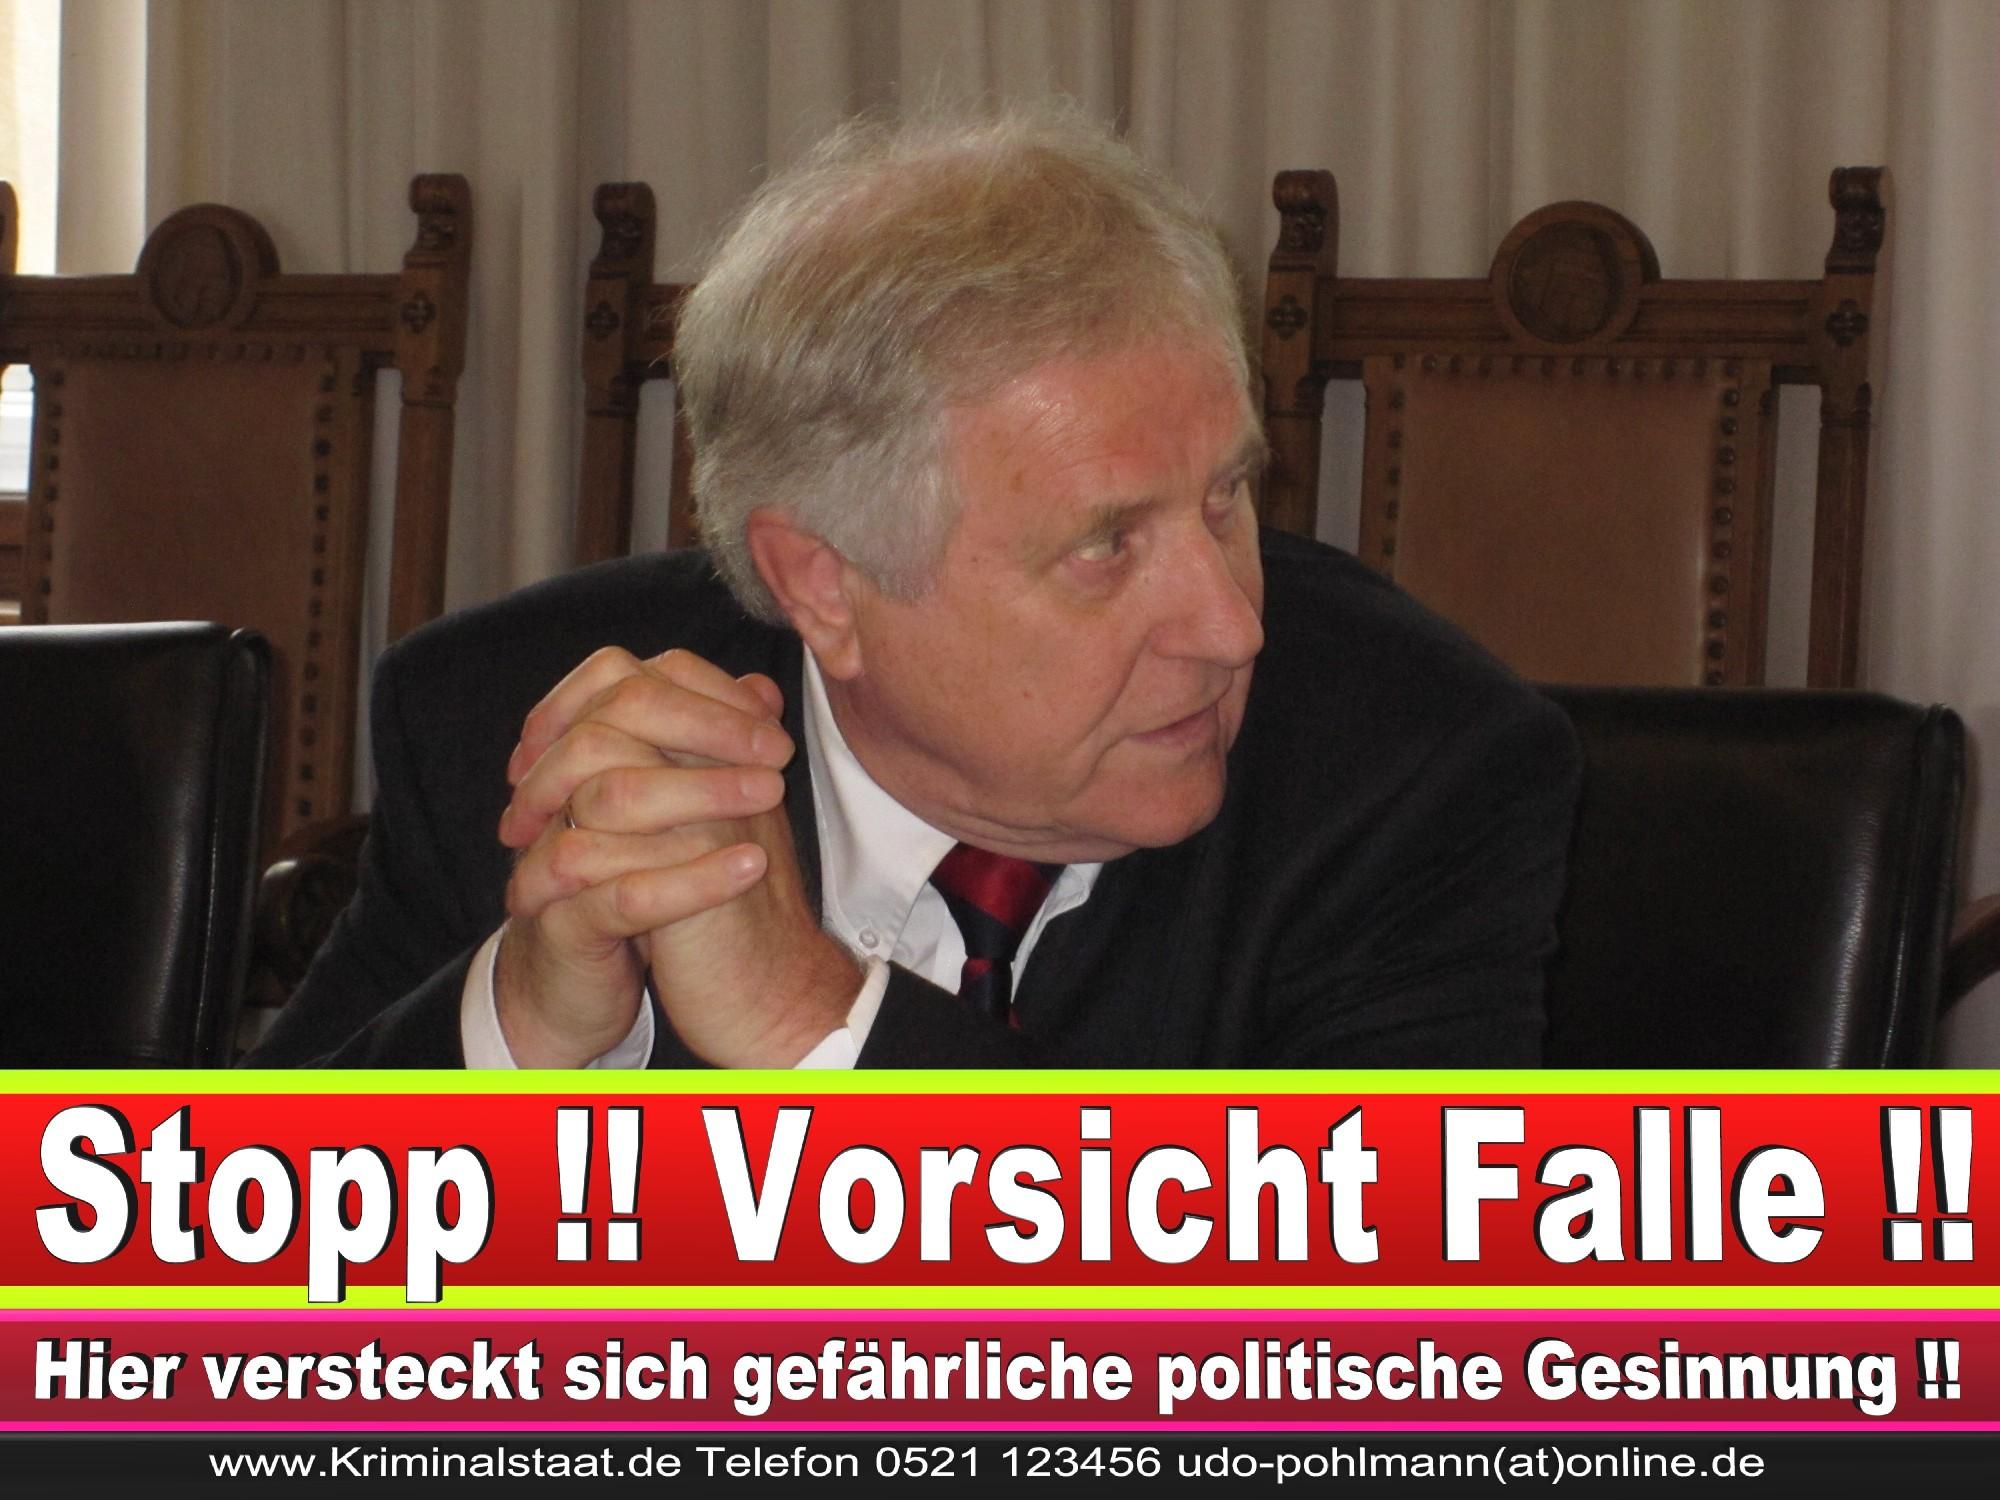 Polizeipräsident Erwin Südfeld Bielefeld Oberbürgermeister Bürgermeister Peter Clausen Pit Clausen Bielefeld 26